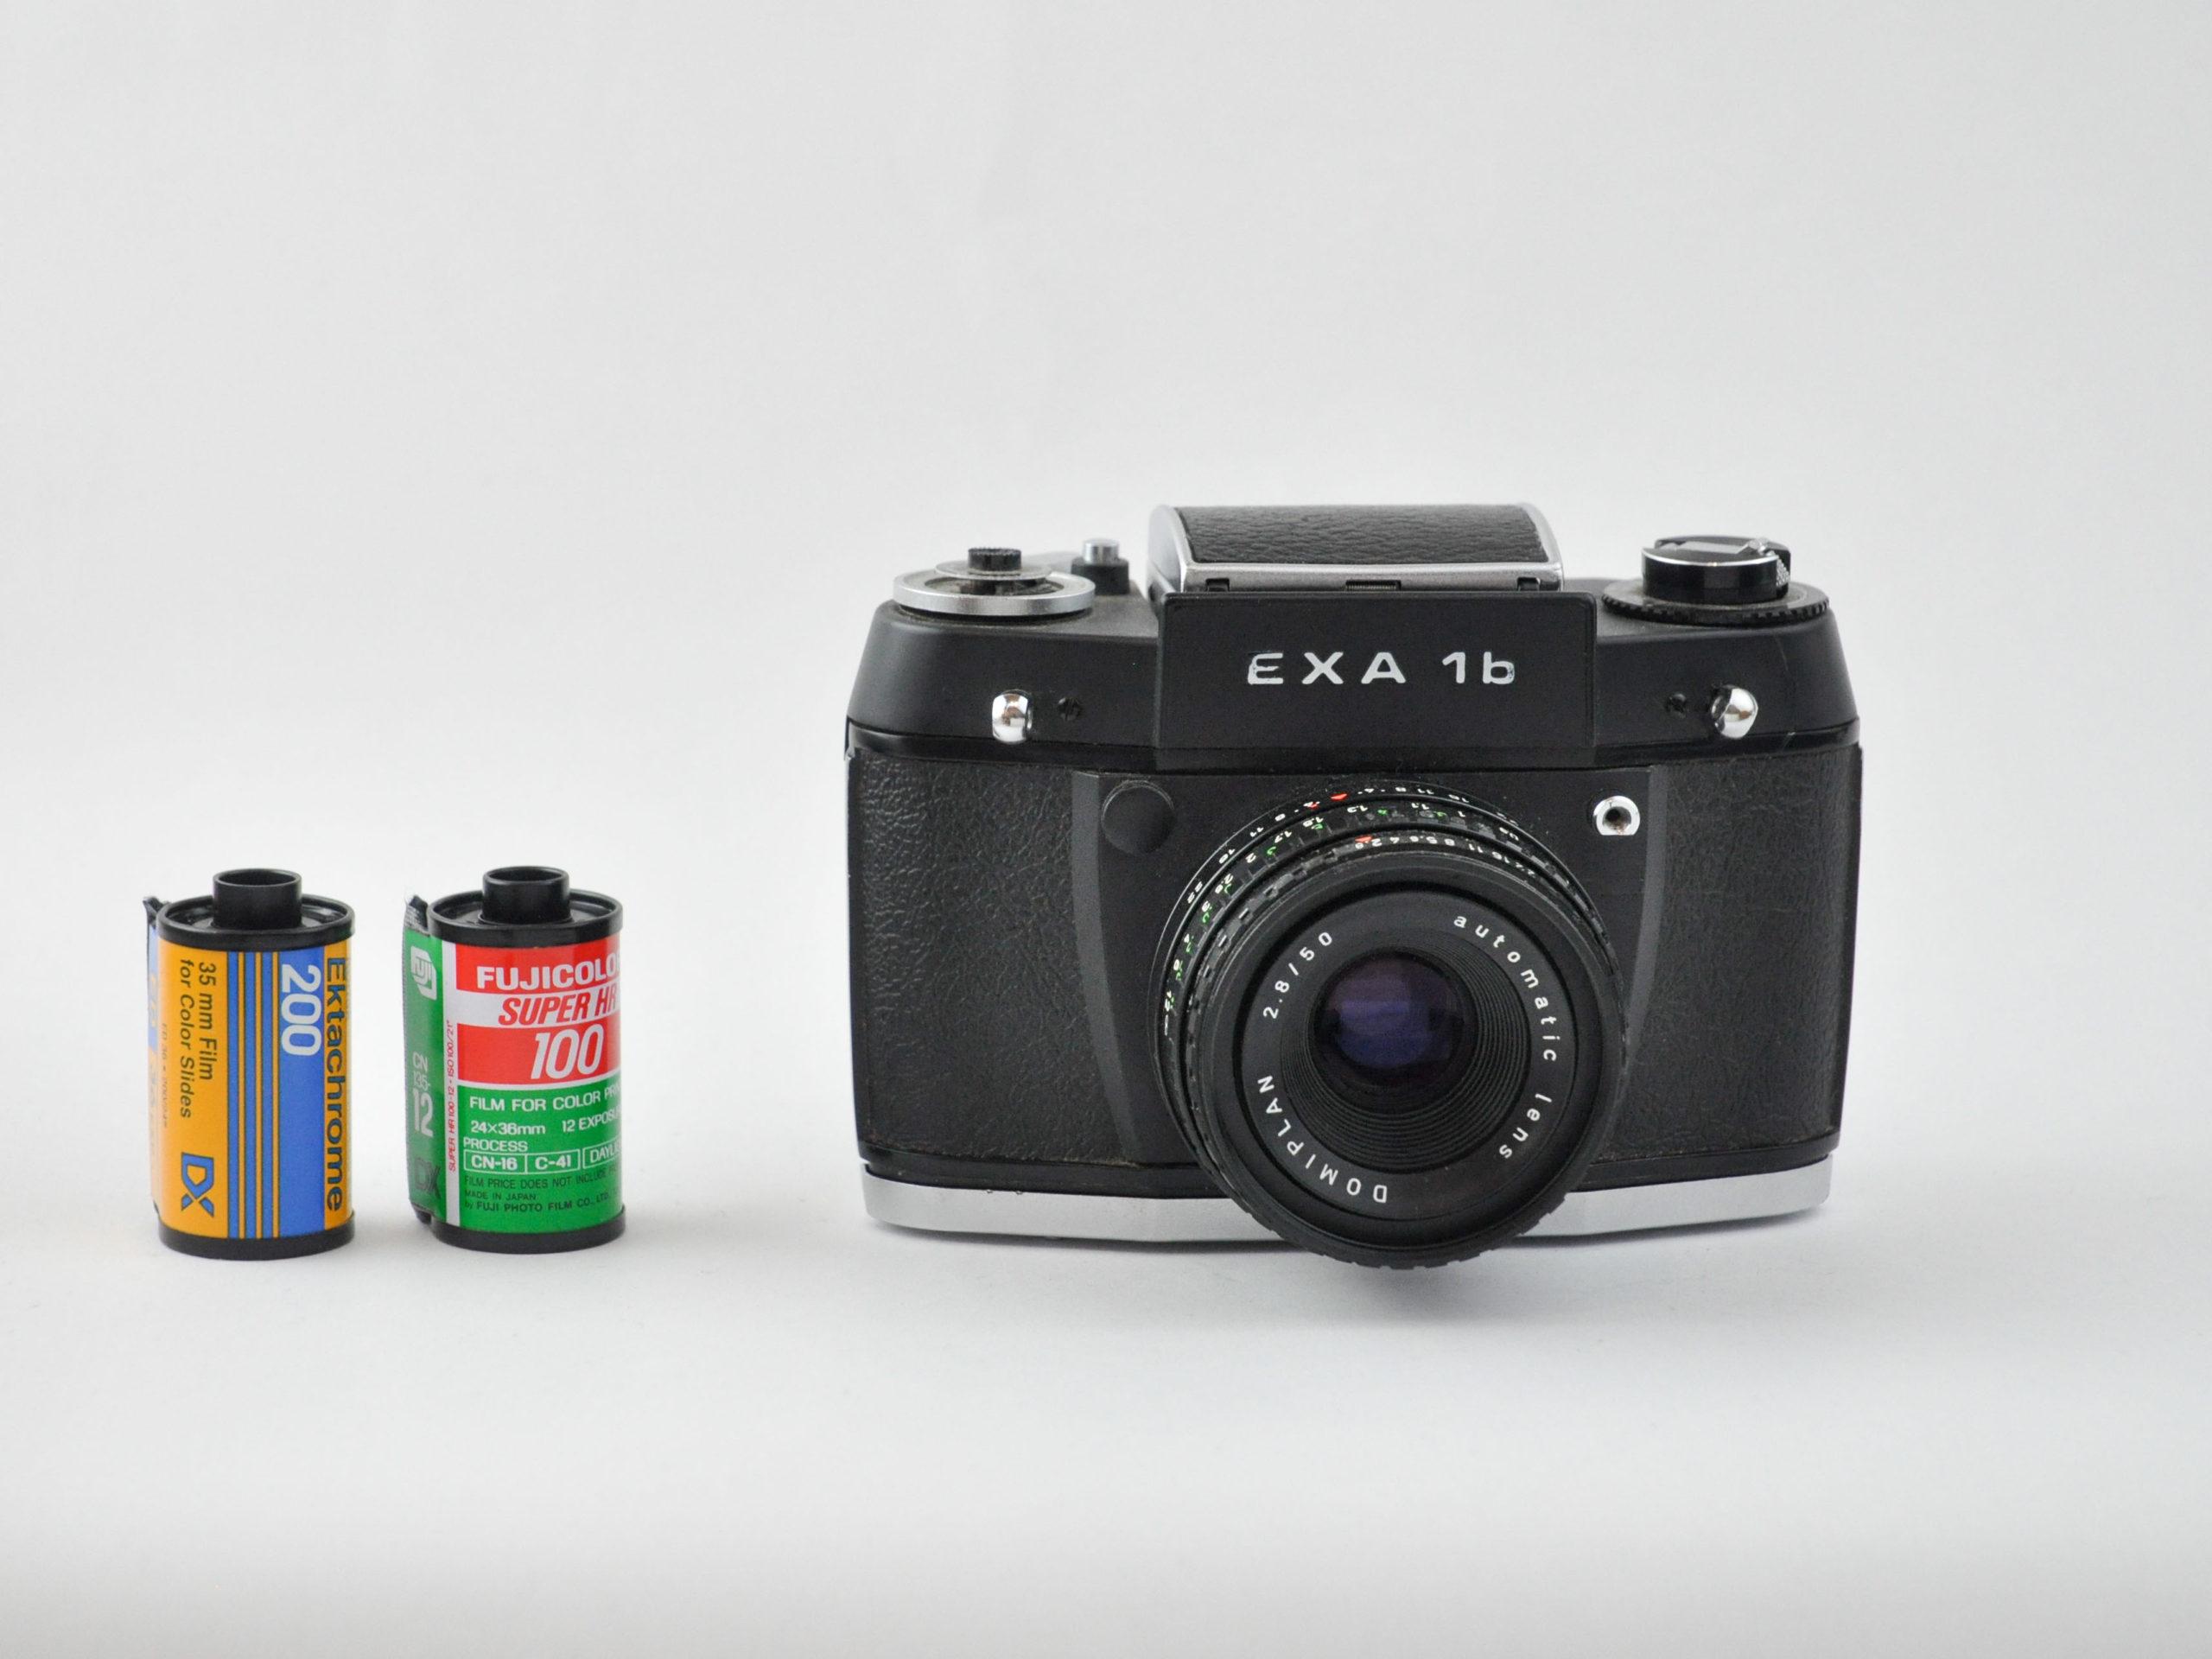 Exakta 1b(ブラック) + Domiplan 50mm f2.8